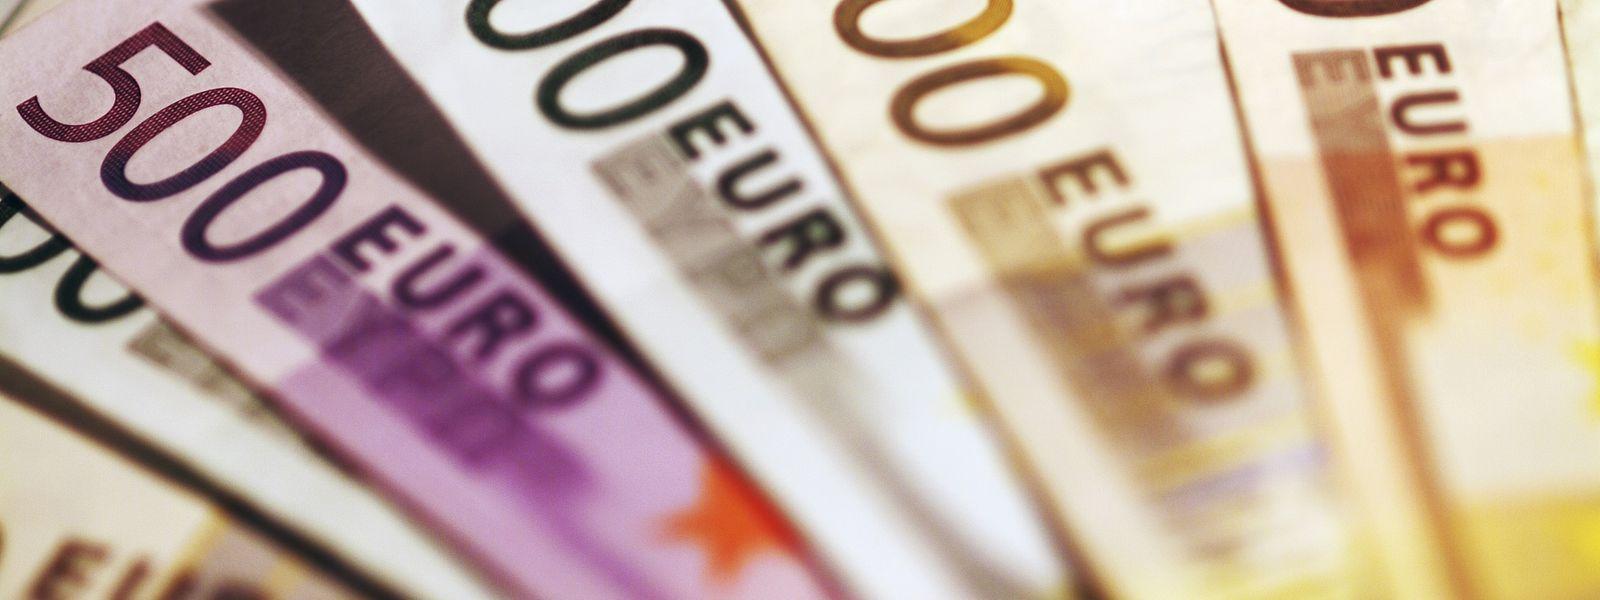 Geldscheine, Geld, Euro (Foto: Shutterstock)